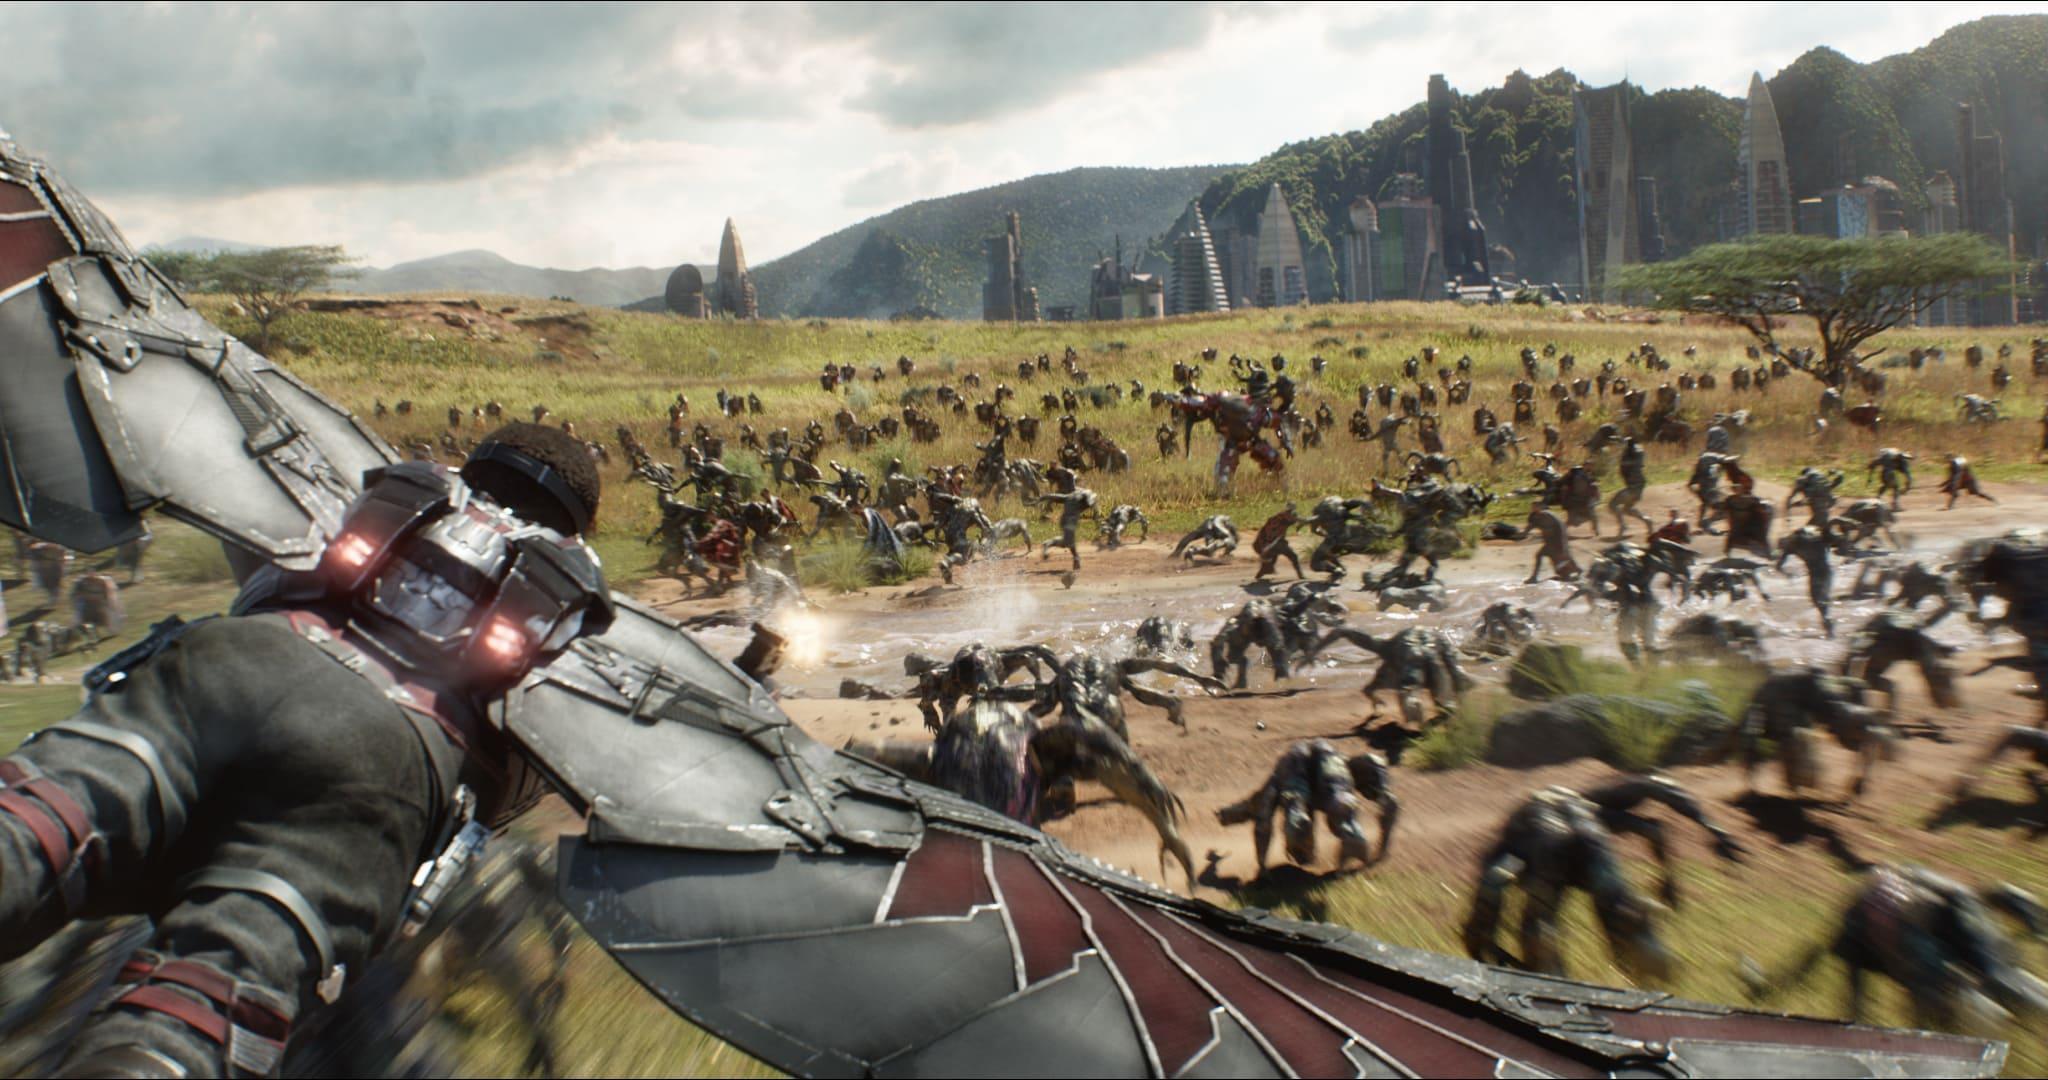 Falcon fighting in Avengers Infinity War